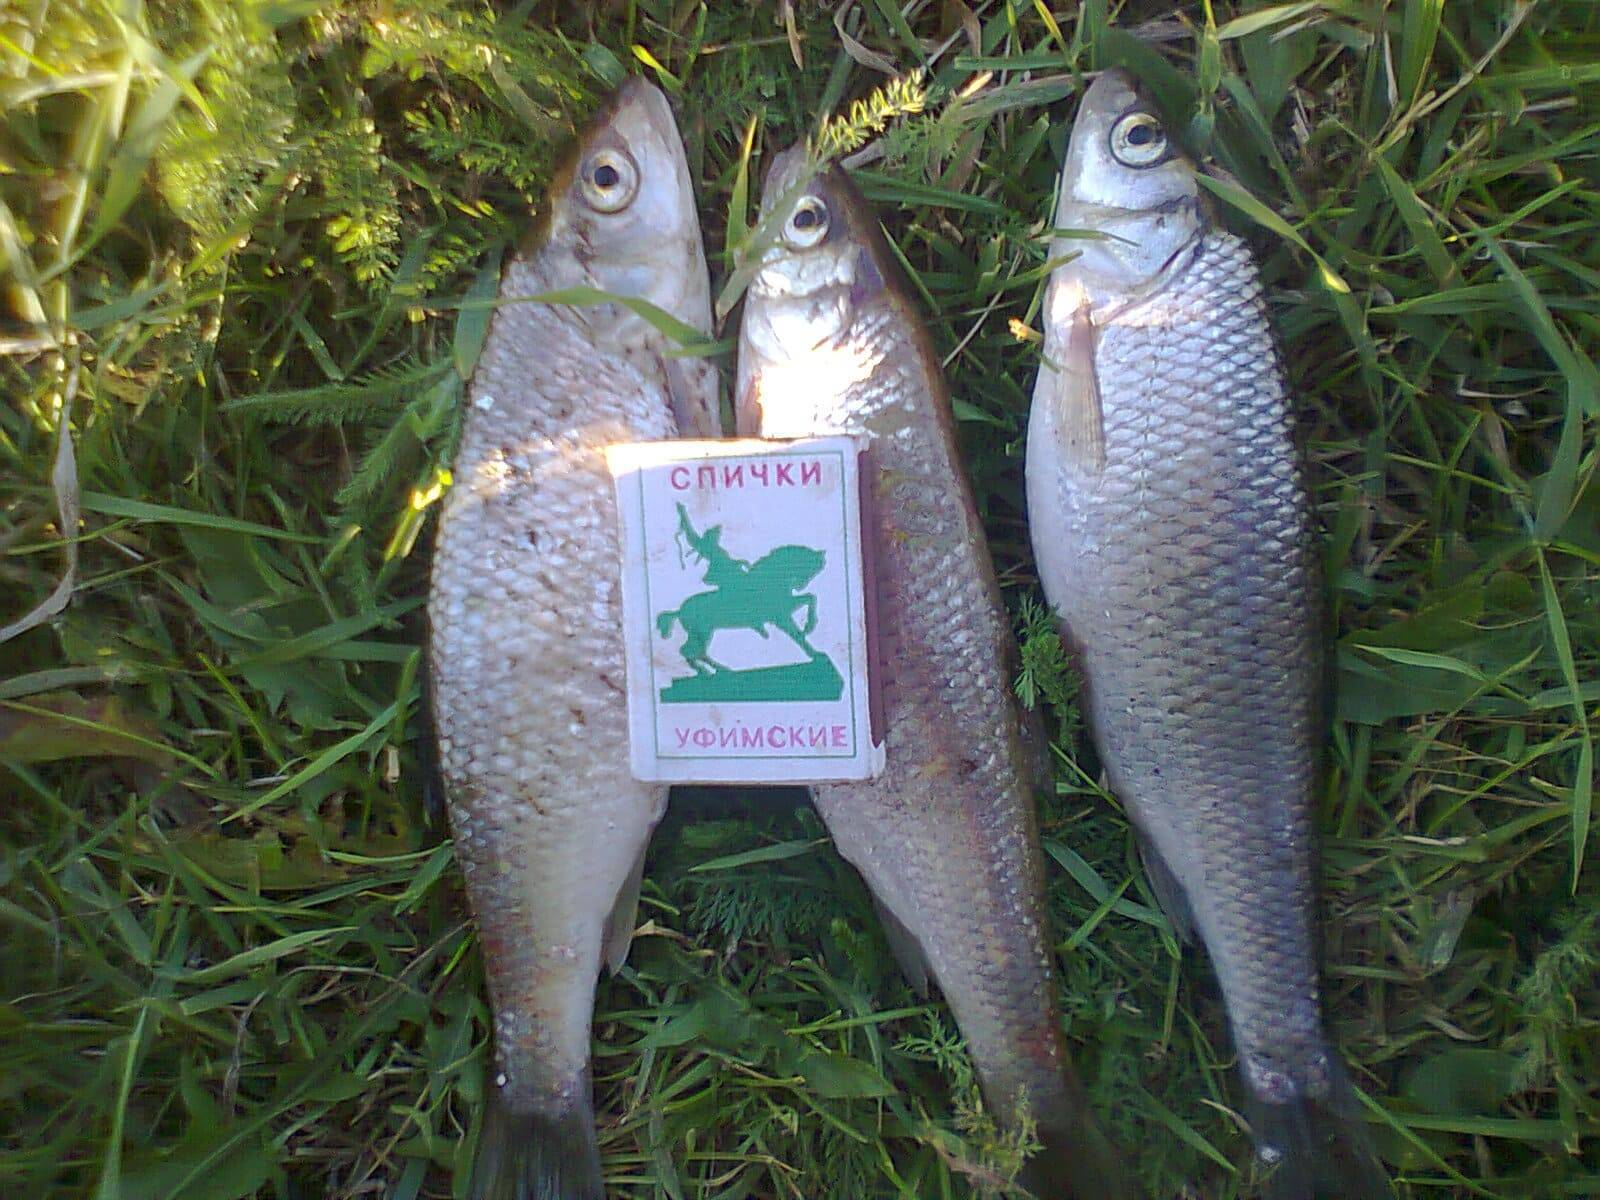 Жерех рыба – фото, описание, где водится и чем питается, как ловить и готовить шереспера | уклейка. энциклопедия ловли.